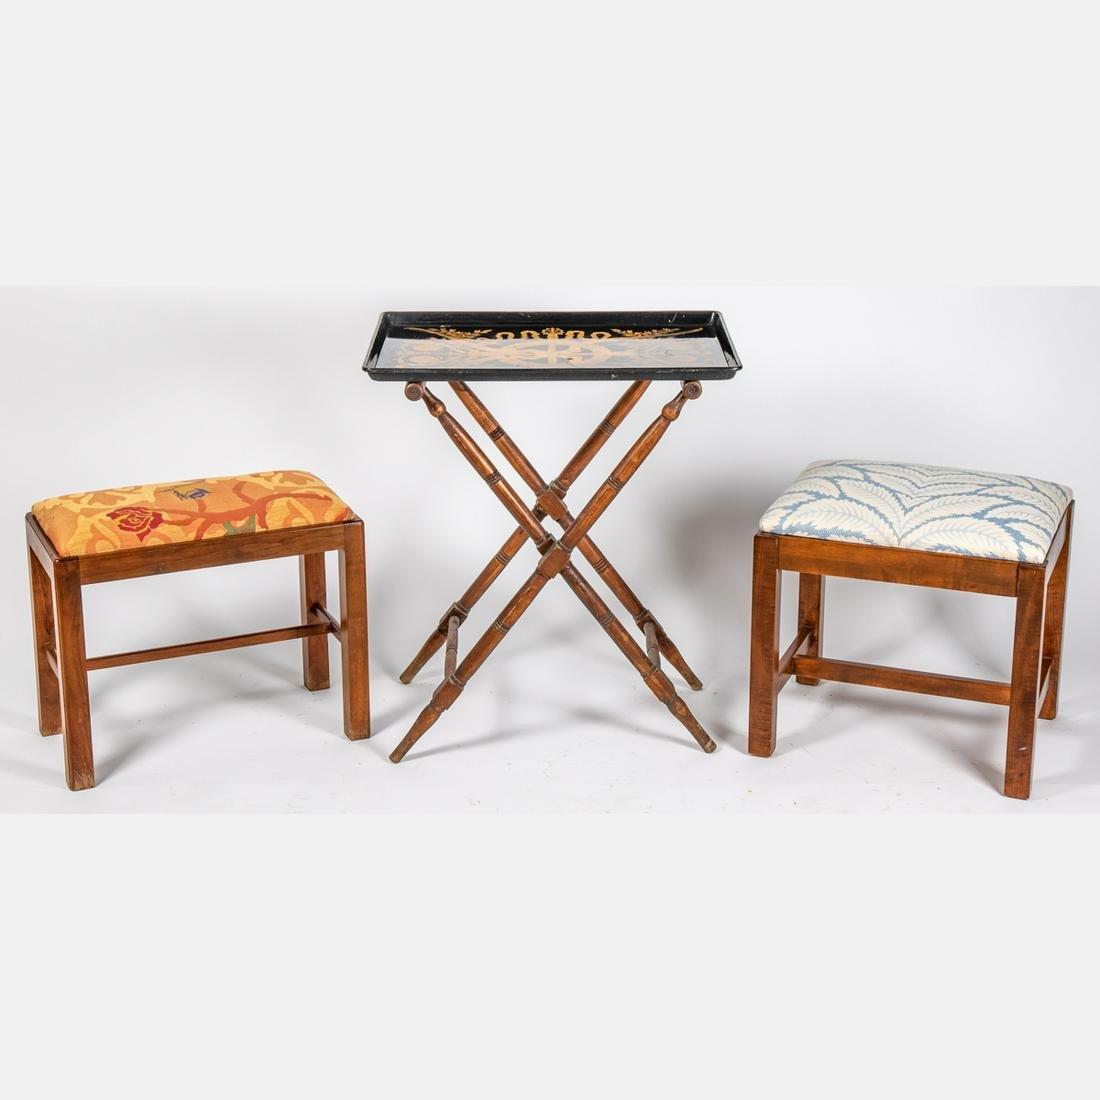 A Pair of Georgian Style Mahogany Stools, 20th Century,